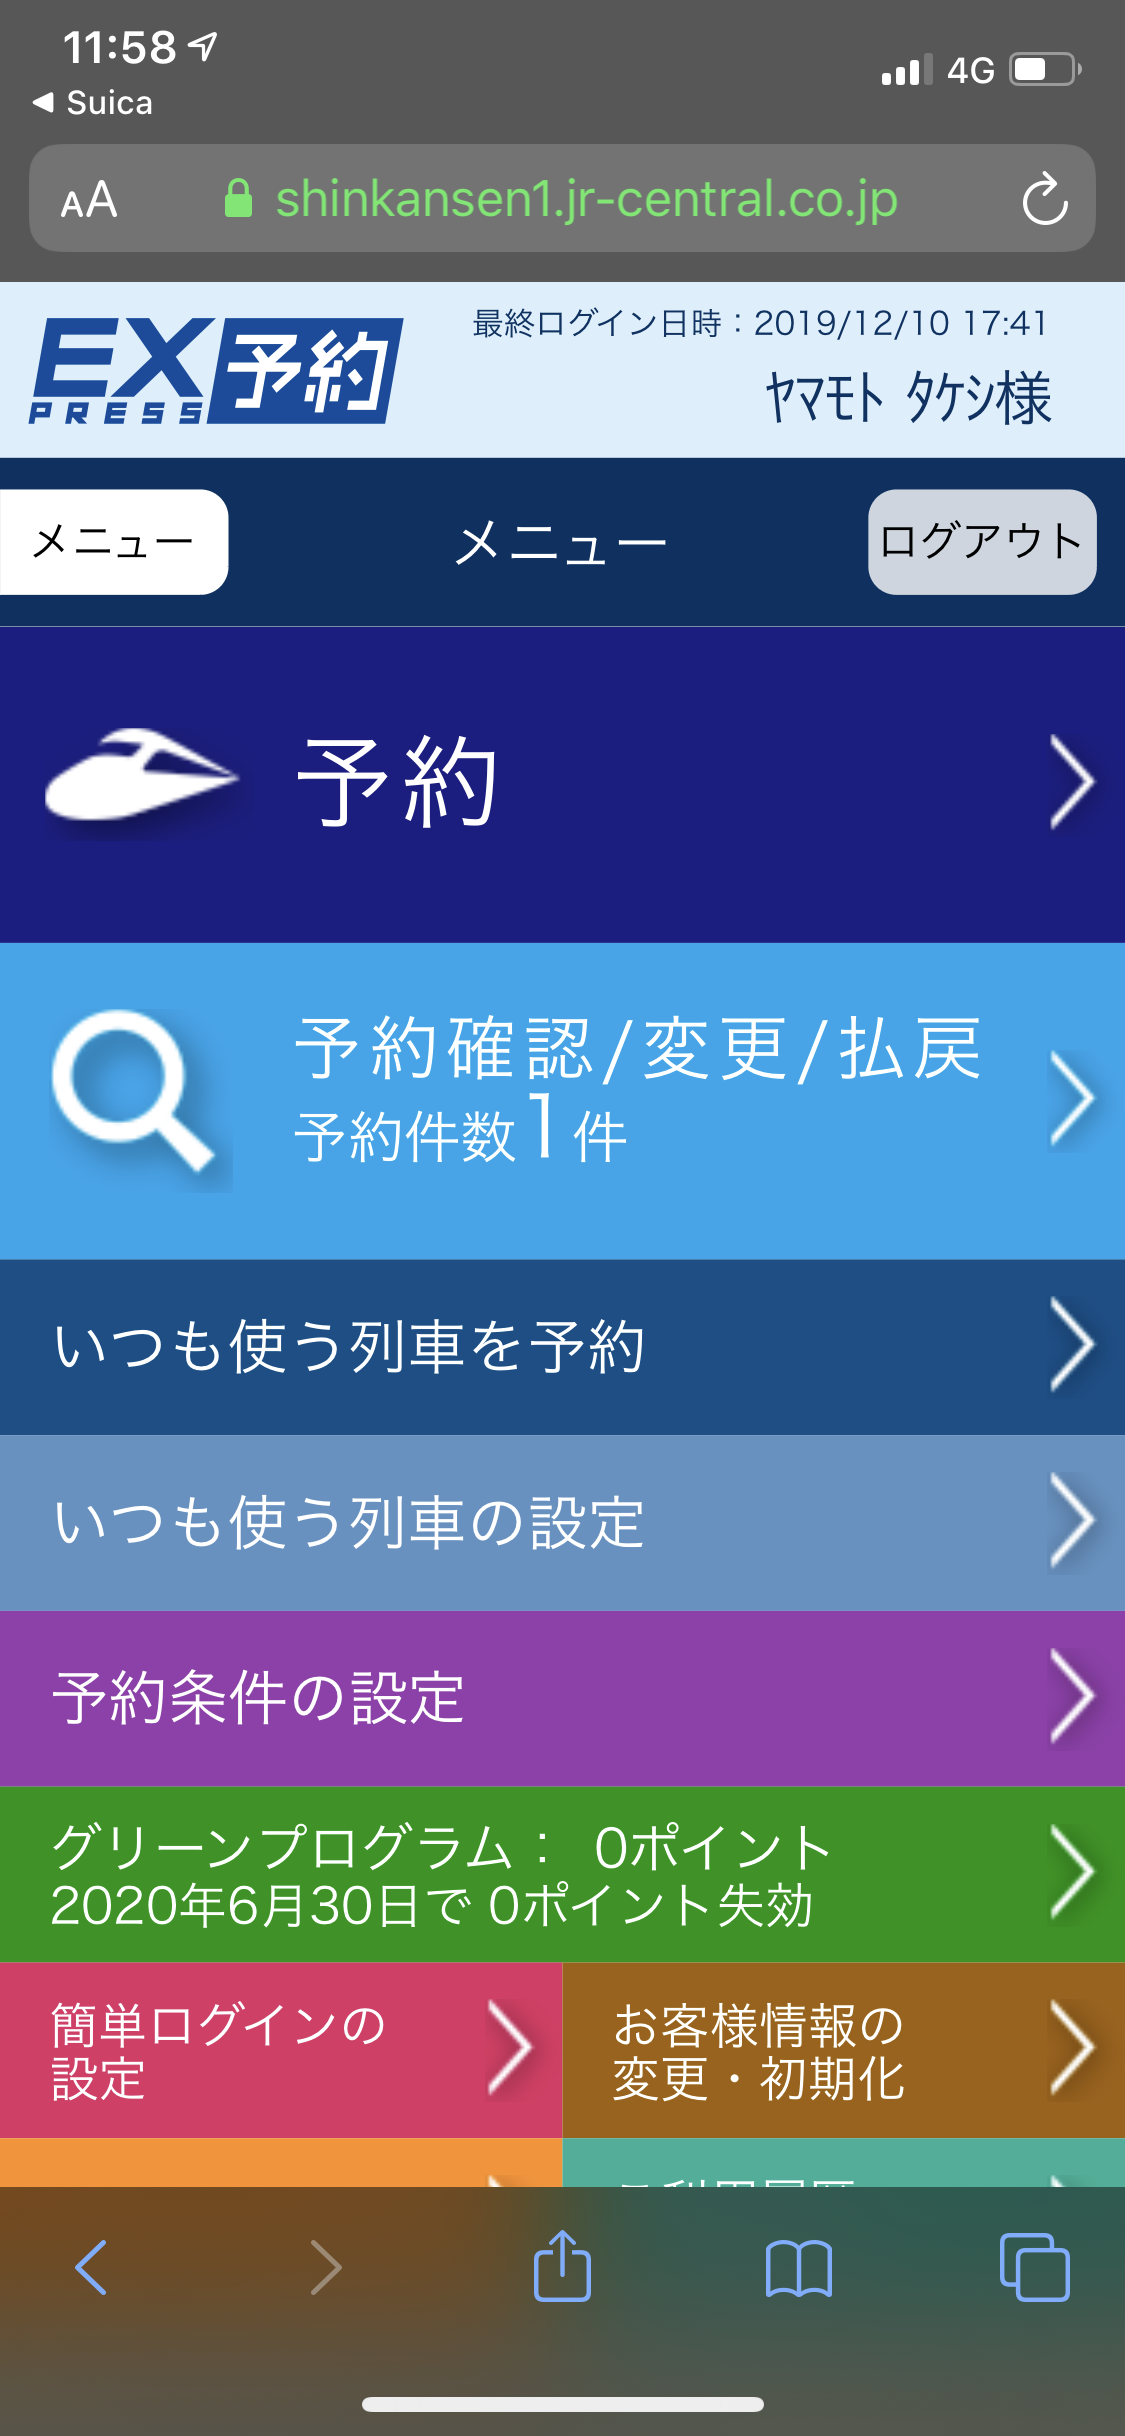 新幹線予約メニュー